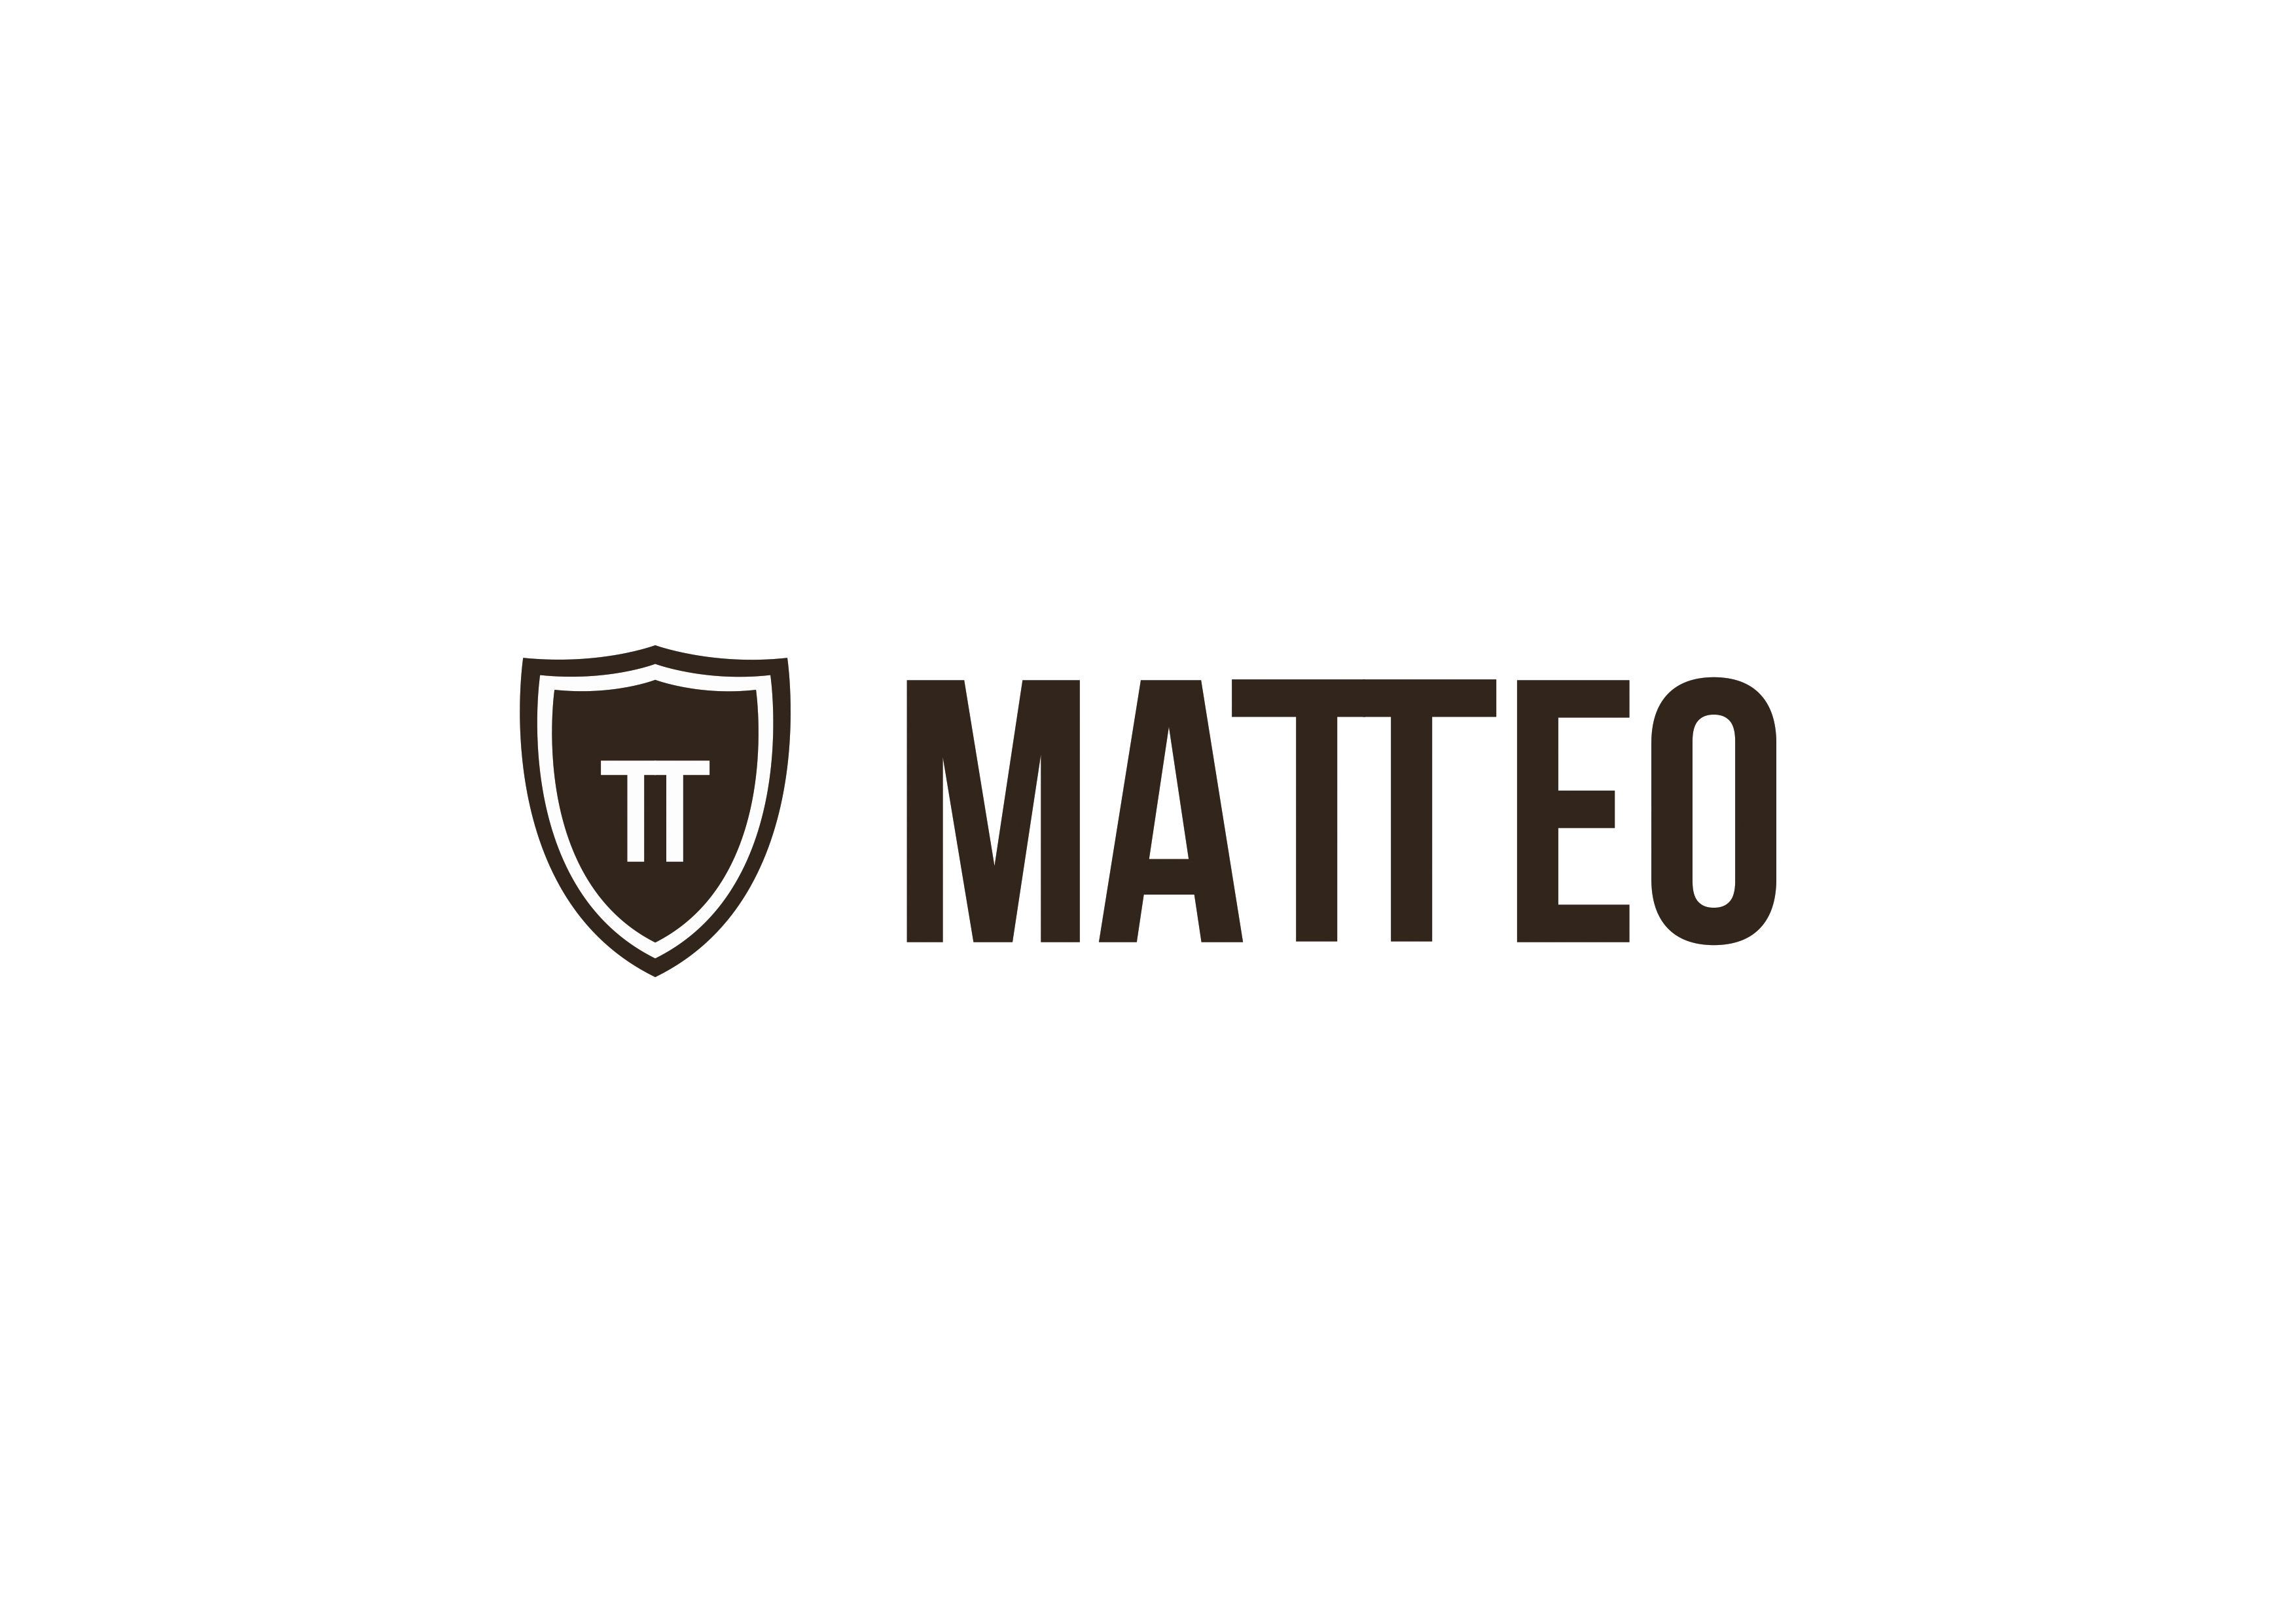 OLGUN MÜCEVHERAT SANAYİ VE TİCARET LİMİTED ŞİRKETİ, MATTEO